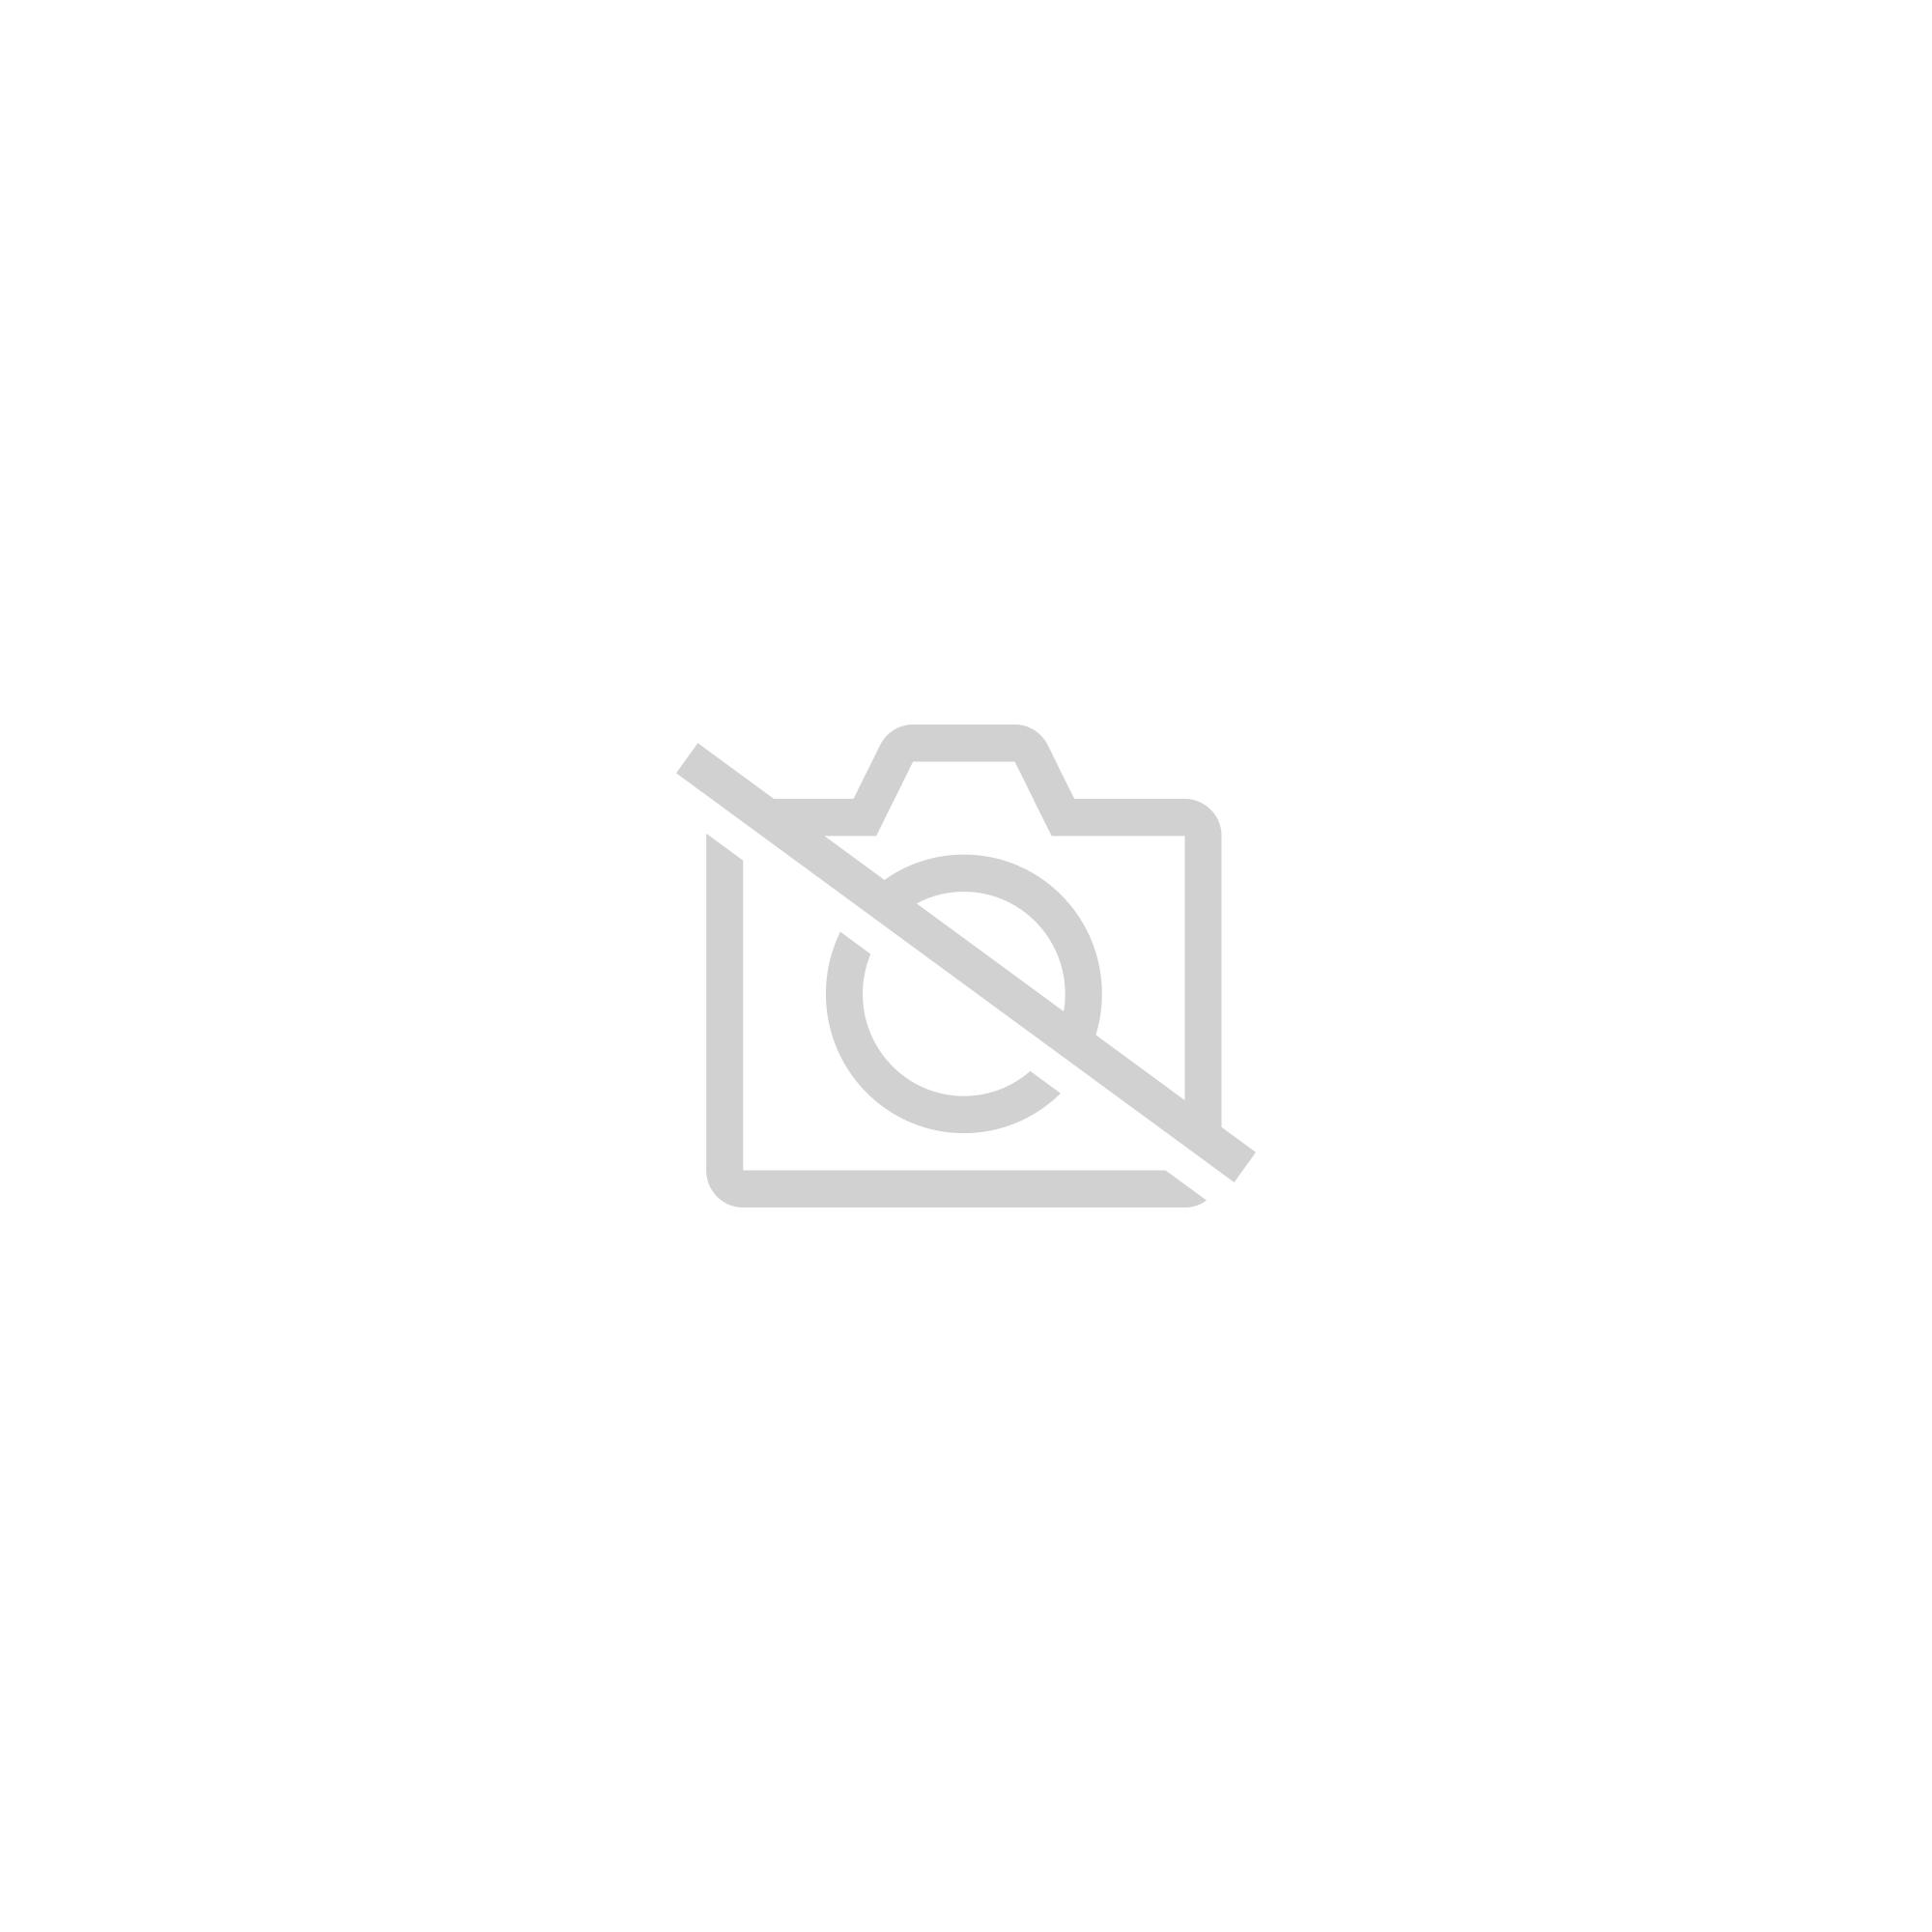 Marblegen MARBLEGEN M-COLLECTOR Lansay NEUF